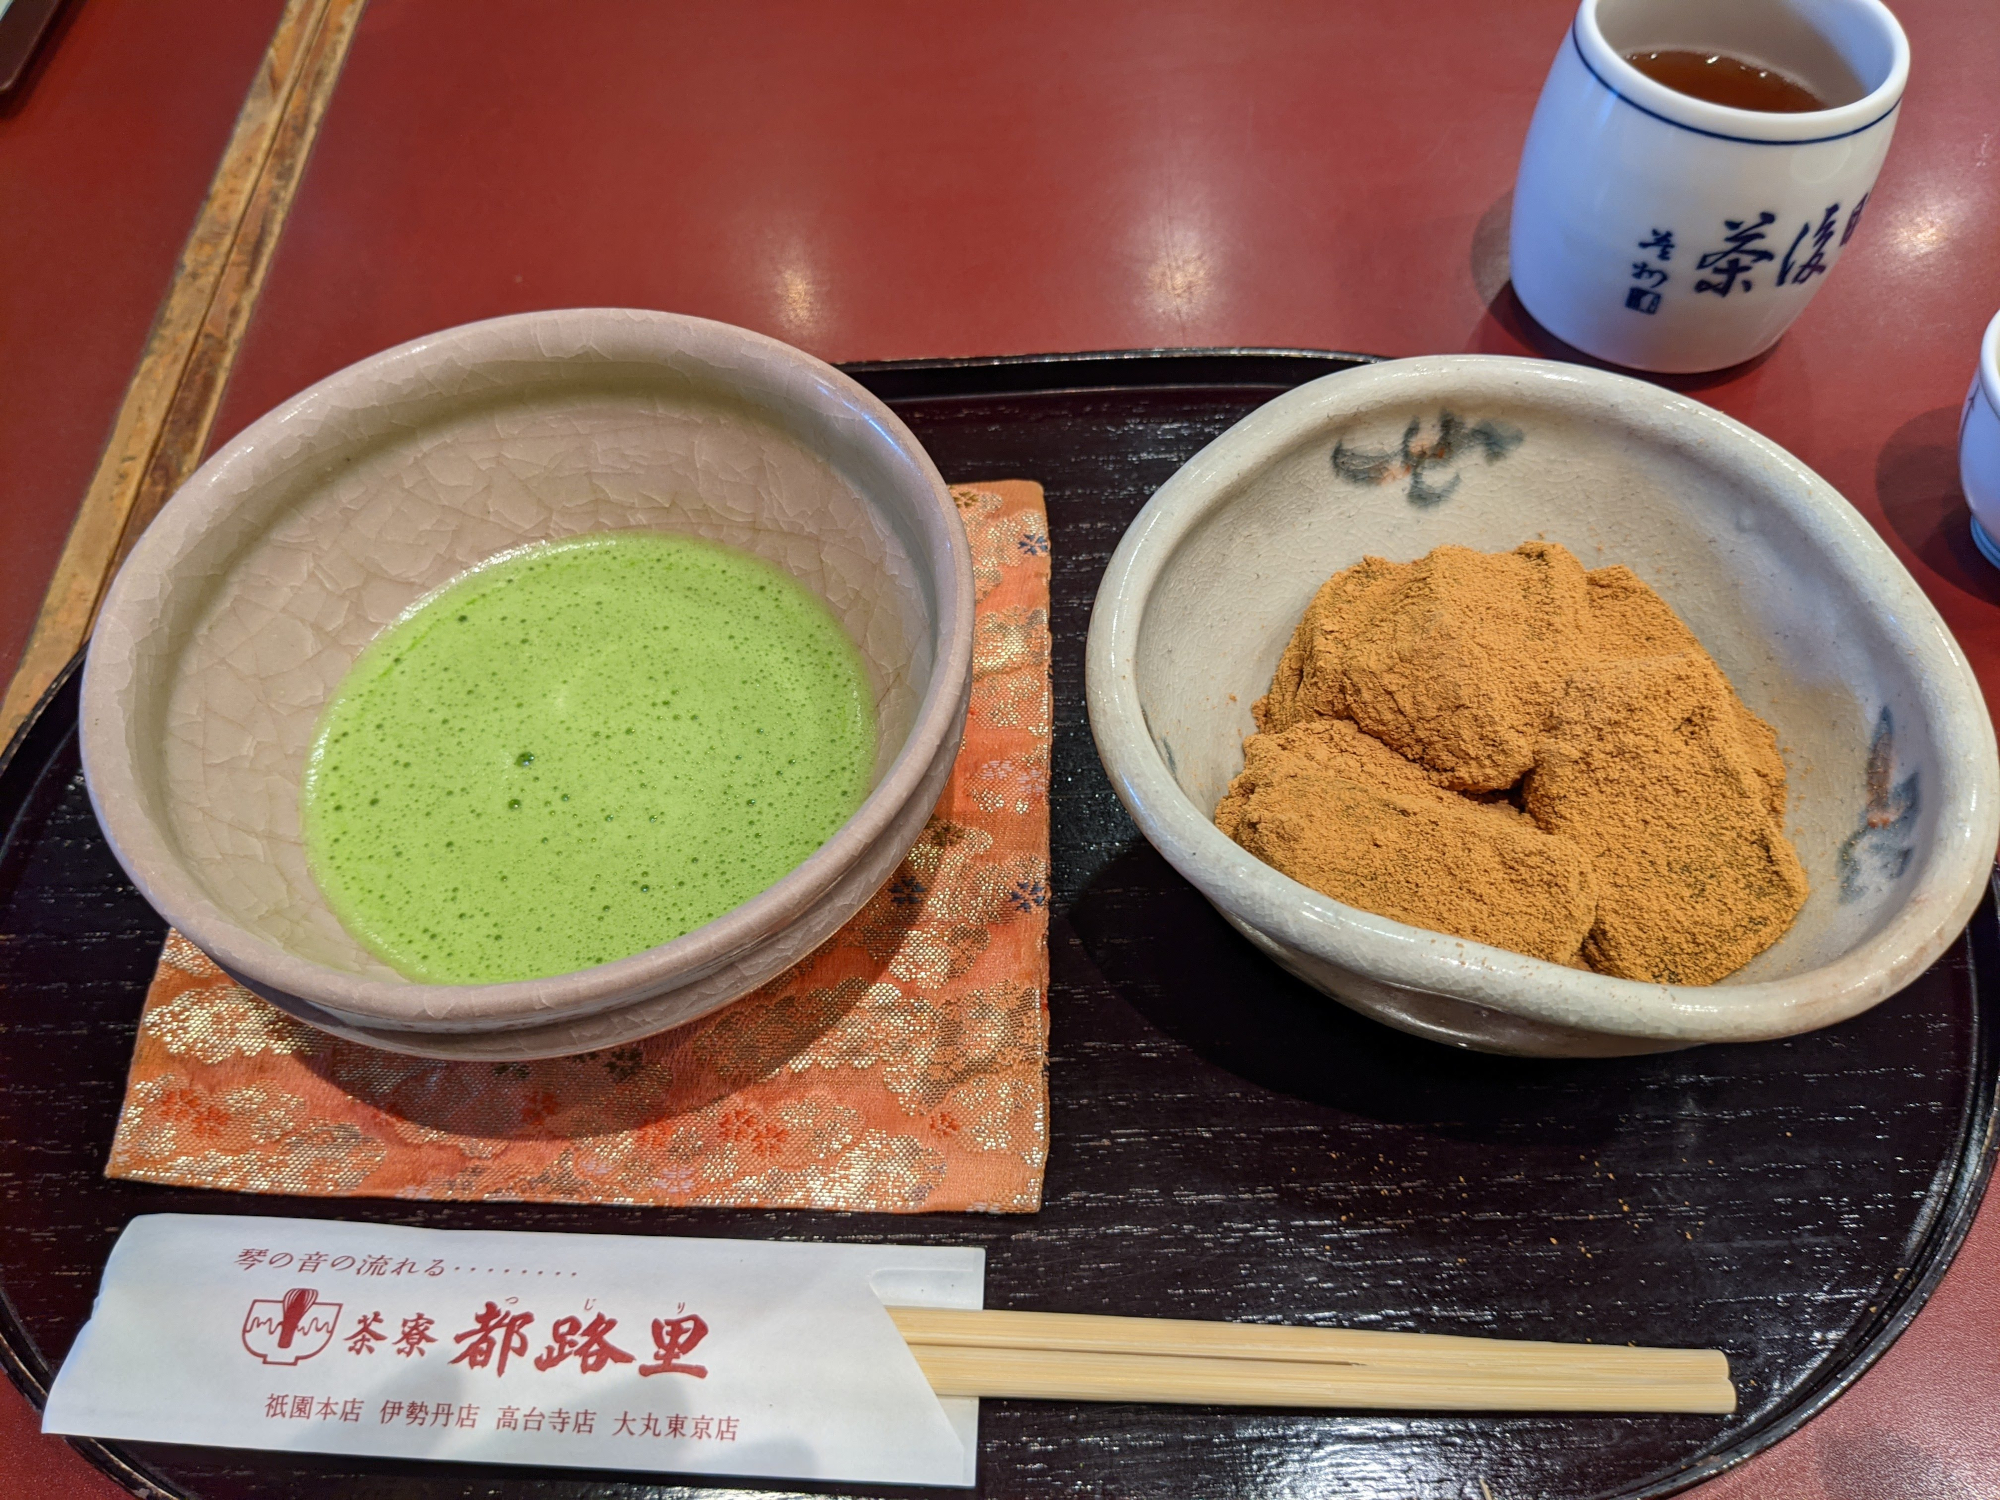 京都「都路里」の抹茶とわらび餅